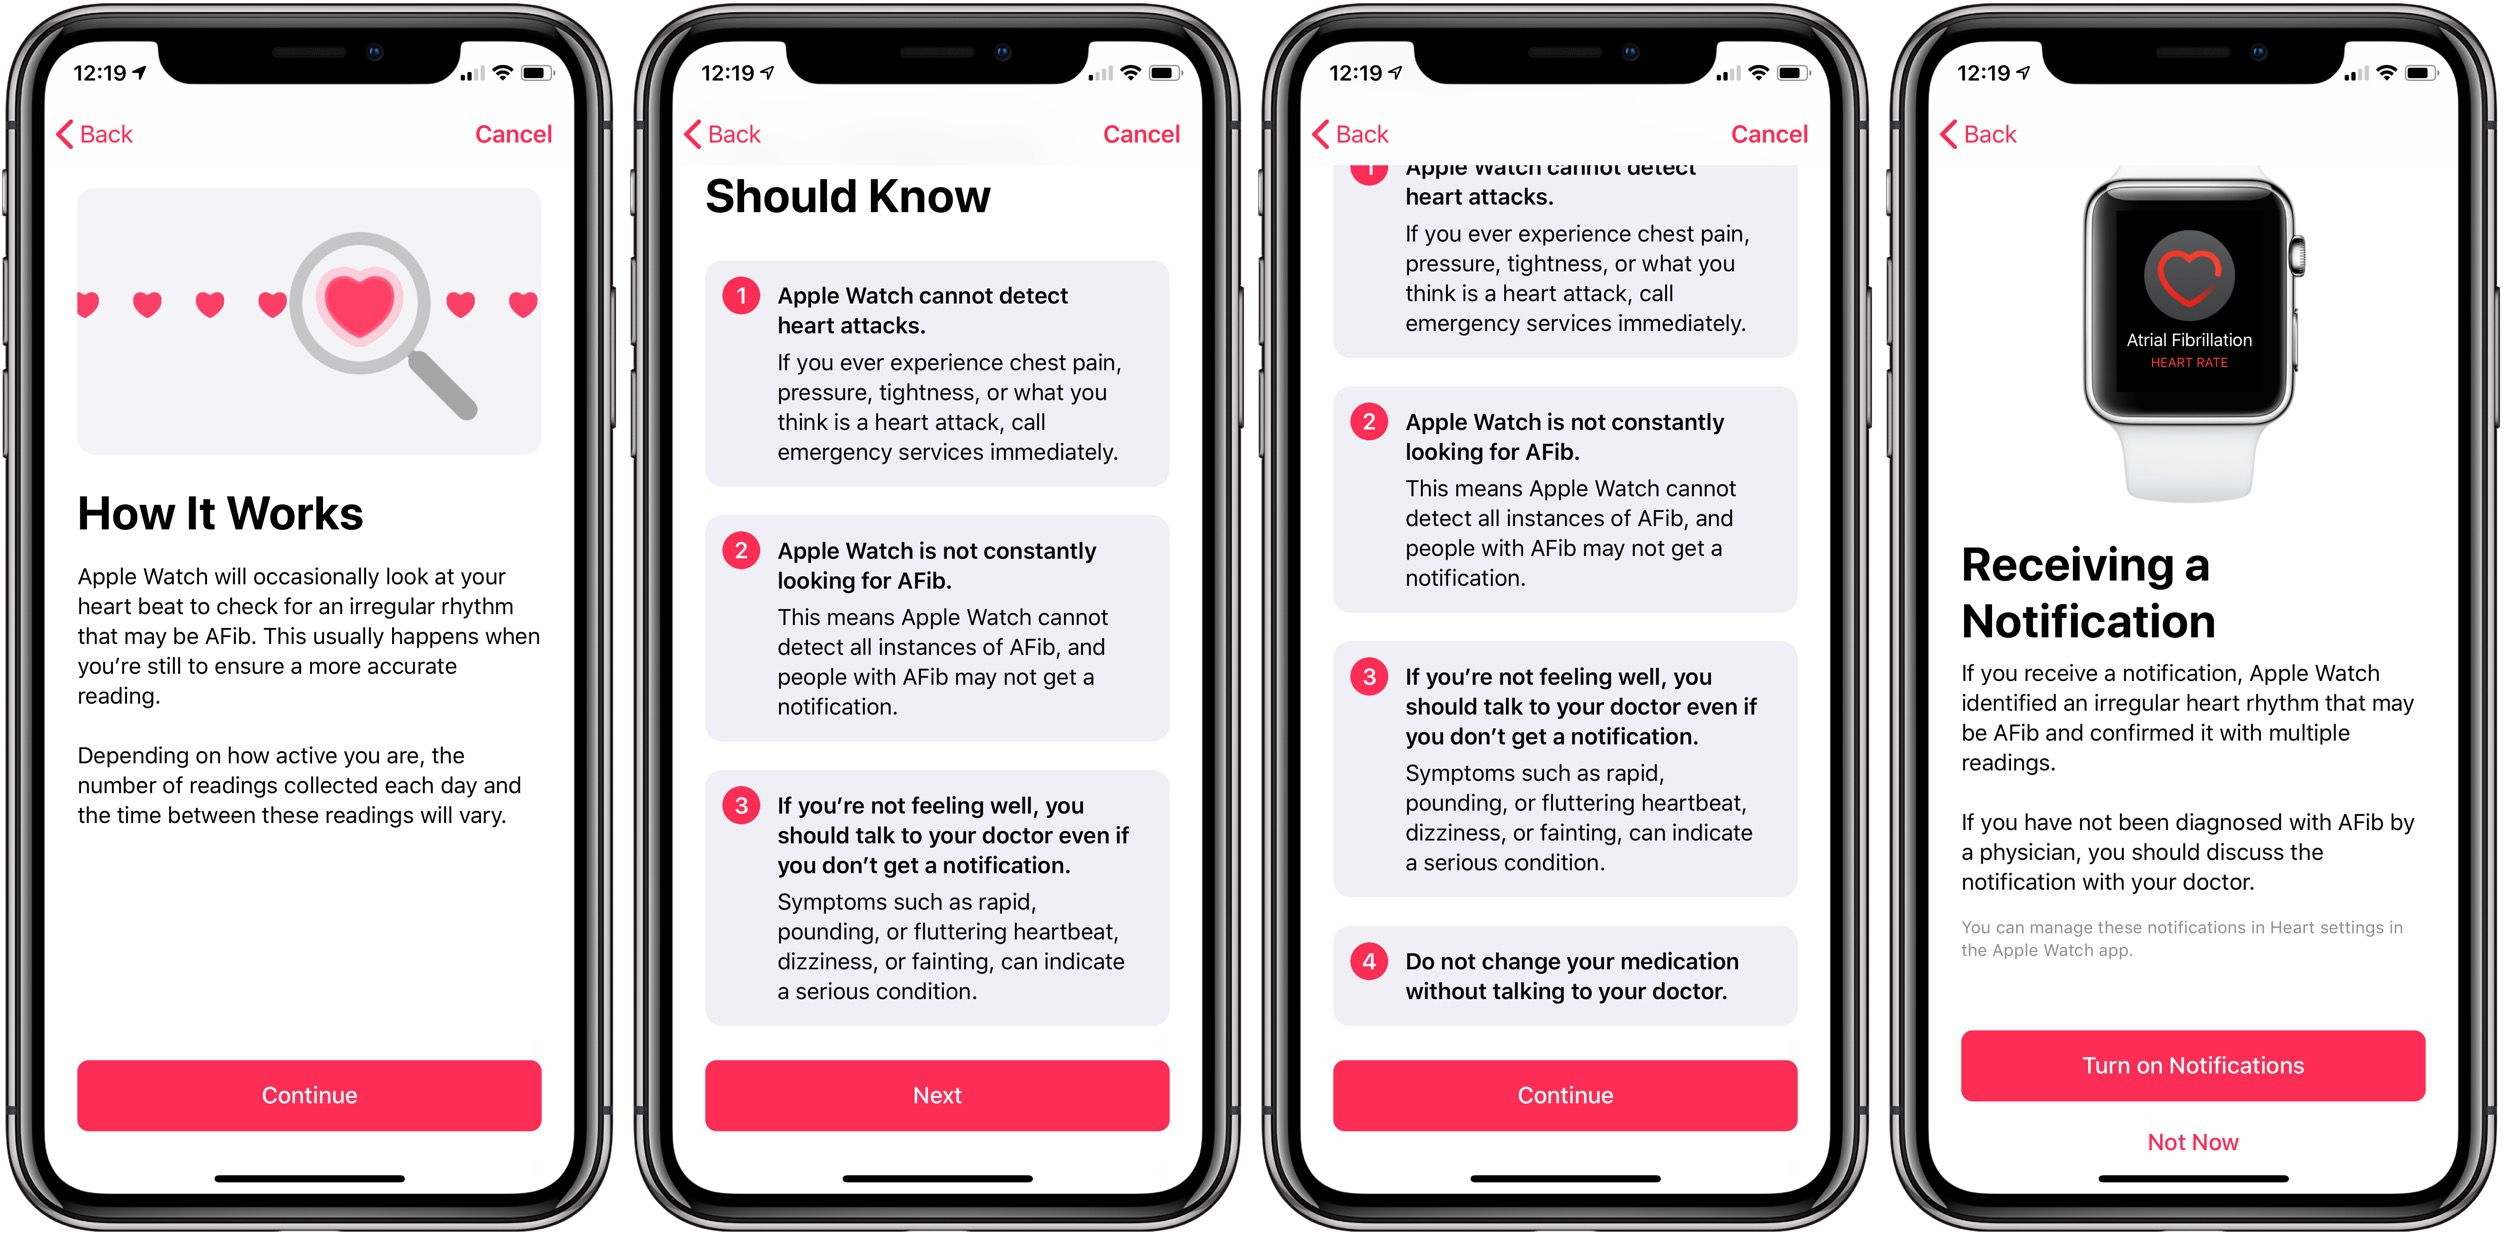 Apple Watch heart notifications